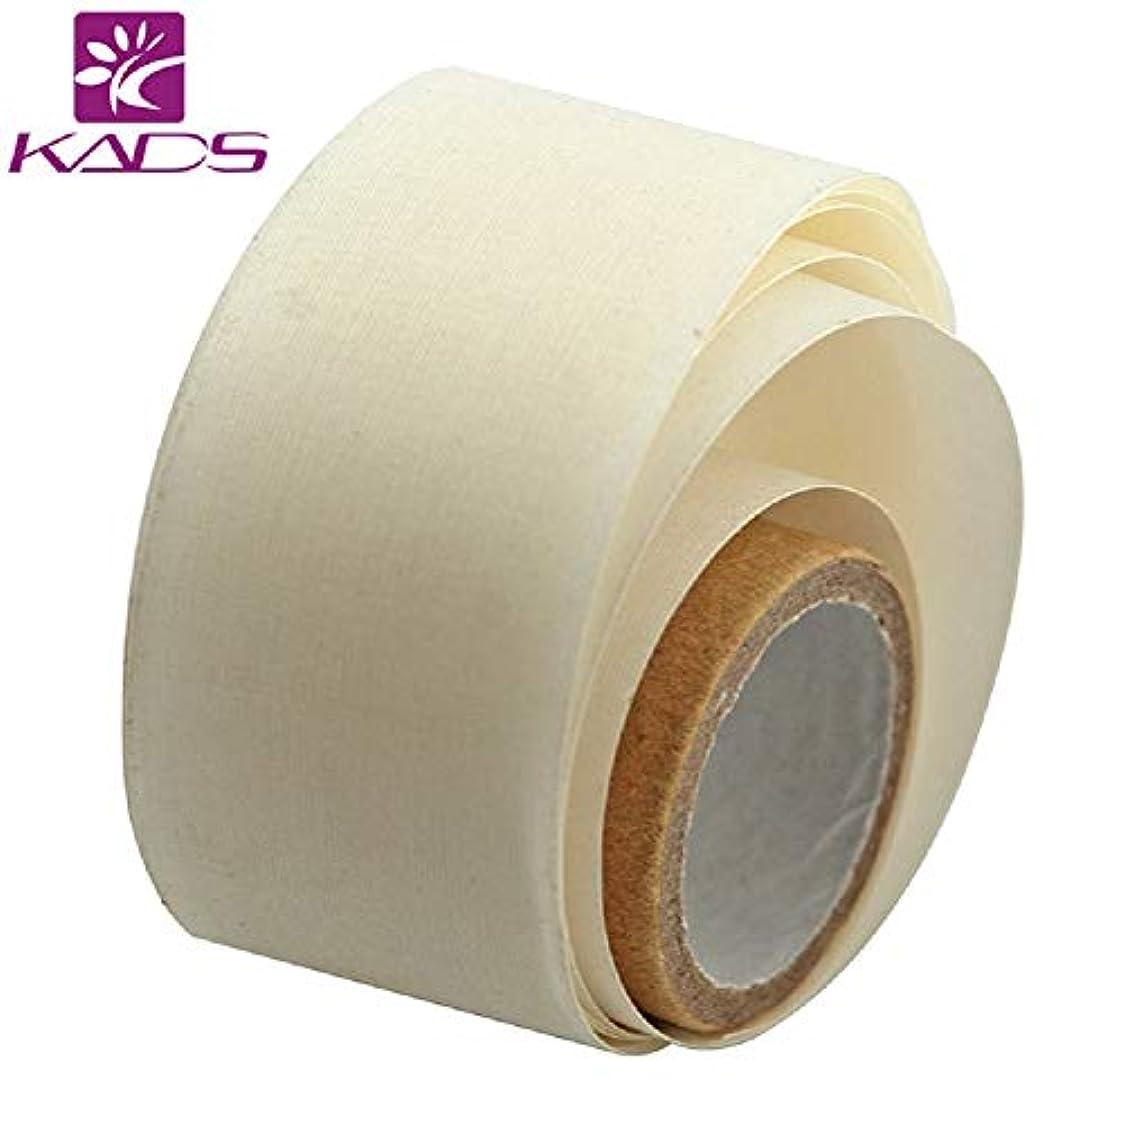 サラダゆりかご嵐KADS ネイルシルクテープ ネイルリペアテープペラ用 爪の補修 ジェルアクリルネイルアートツール(サイズ3)